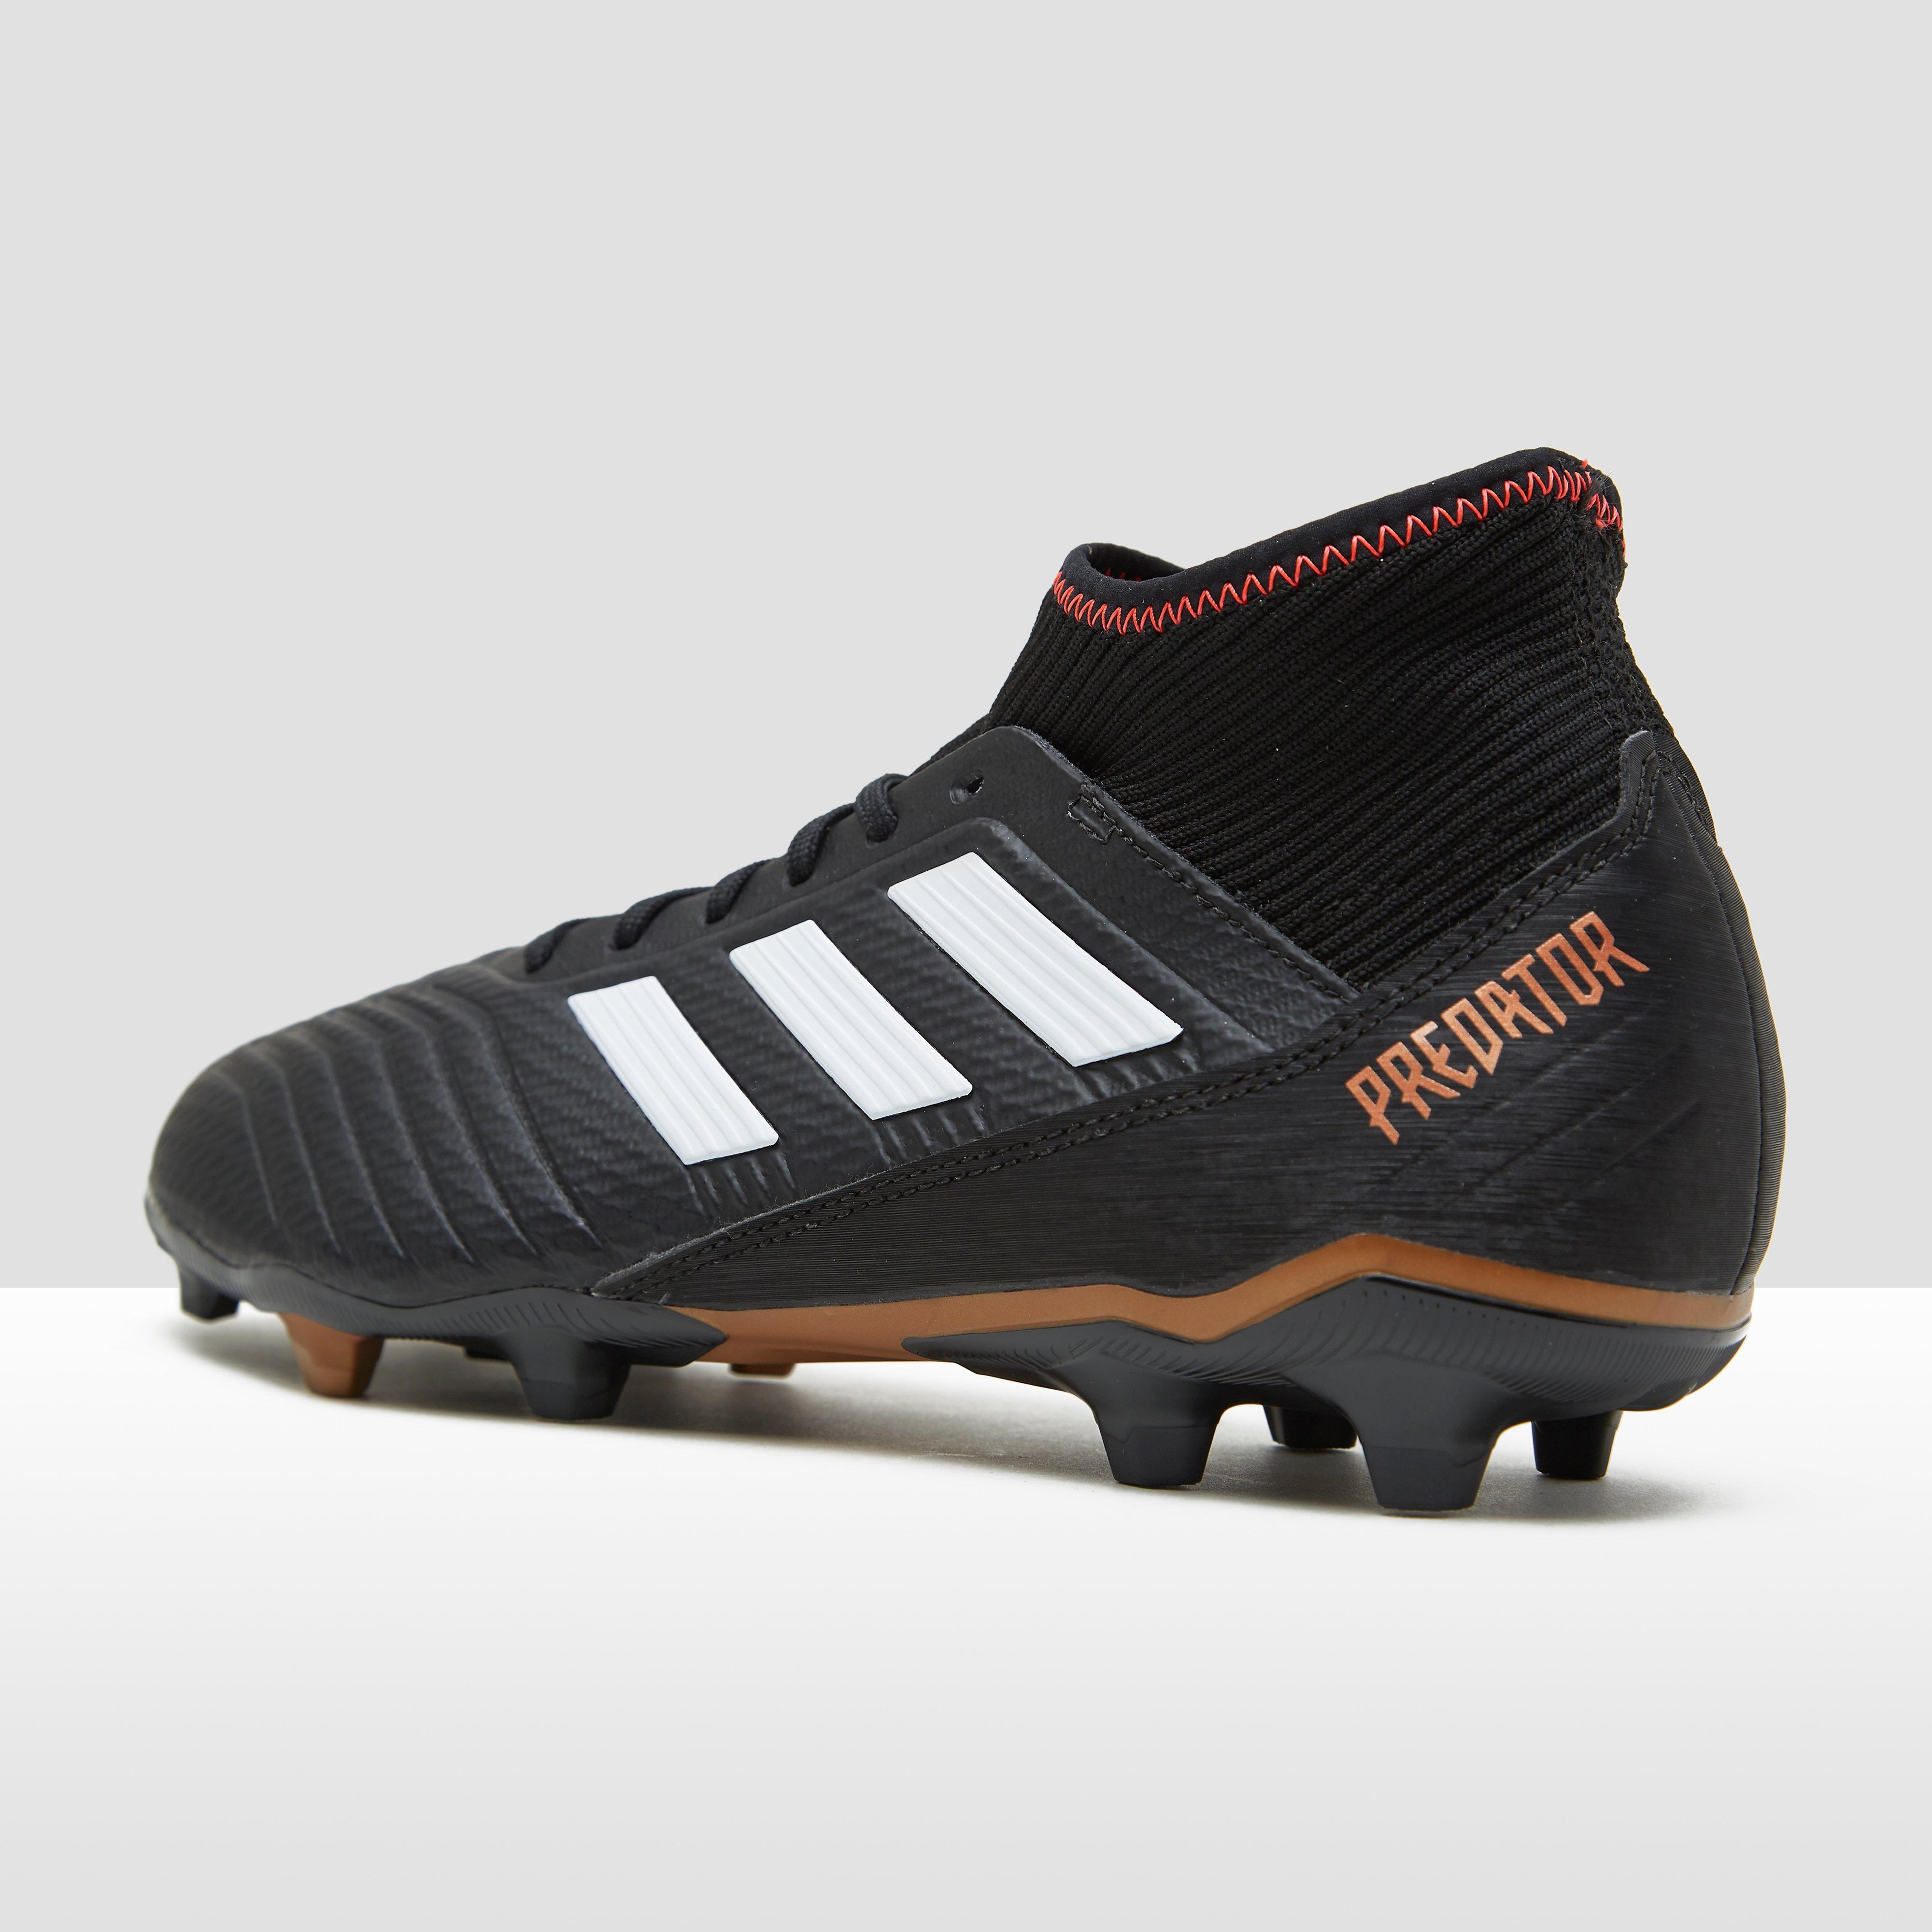 Noir Chaussures Adidas Prédateur Pour Les Hommes k4g6x